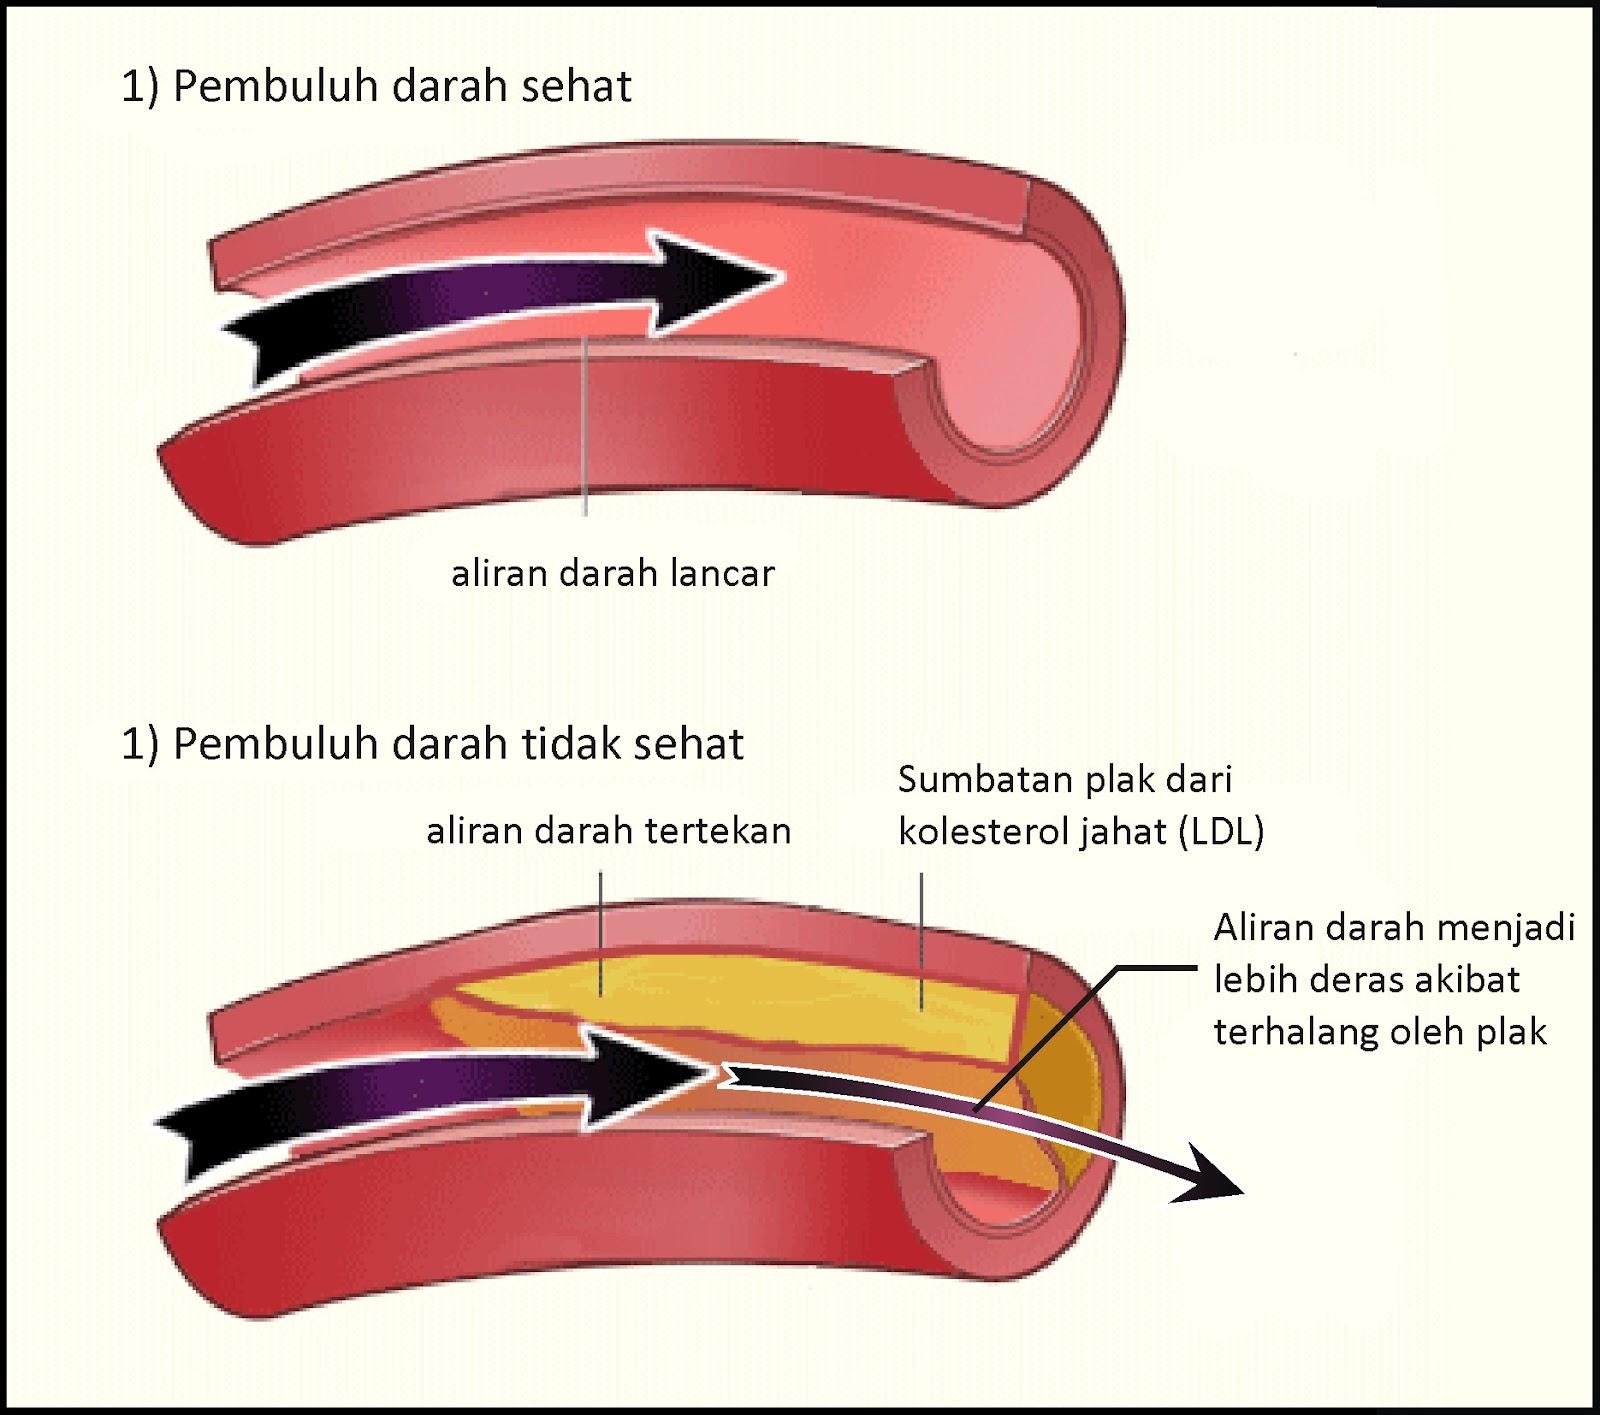 Ilmu & Pelajaran: Tekanan Darah Tinggi